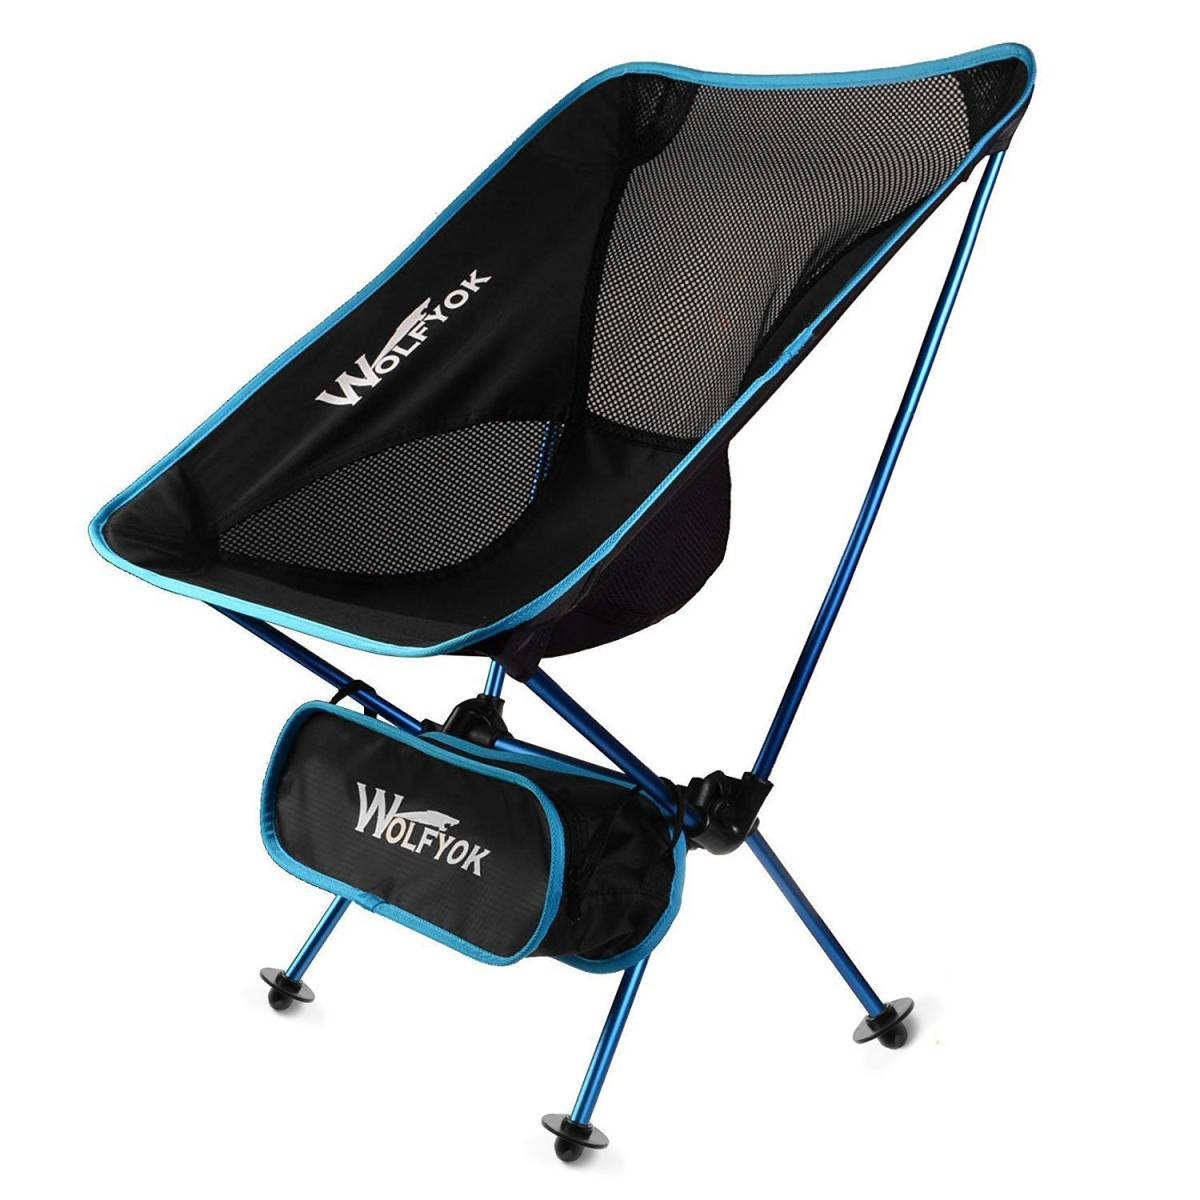 【新品】アウトドアチェア 【最新改良版】 折りたたみ椅子 コンパクト 耐荷重100kg 軽量 持ち運びに便利な専用ケース付き お釣り 登山_画像1